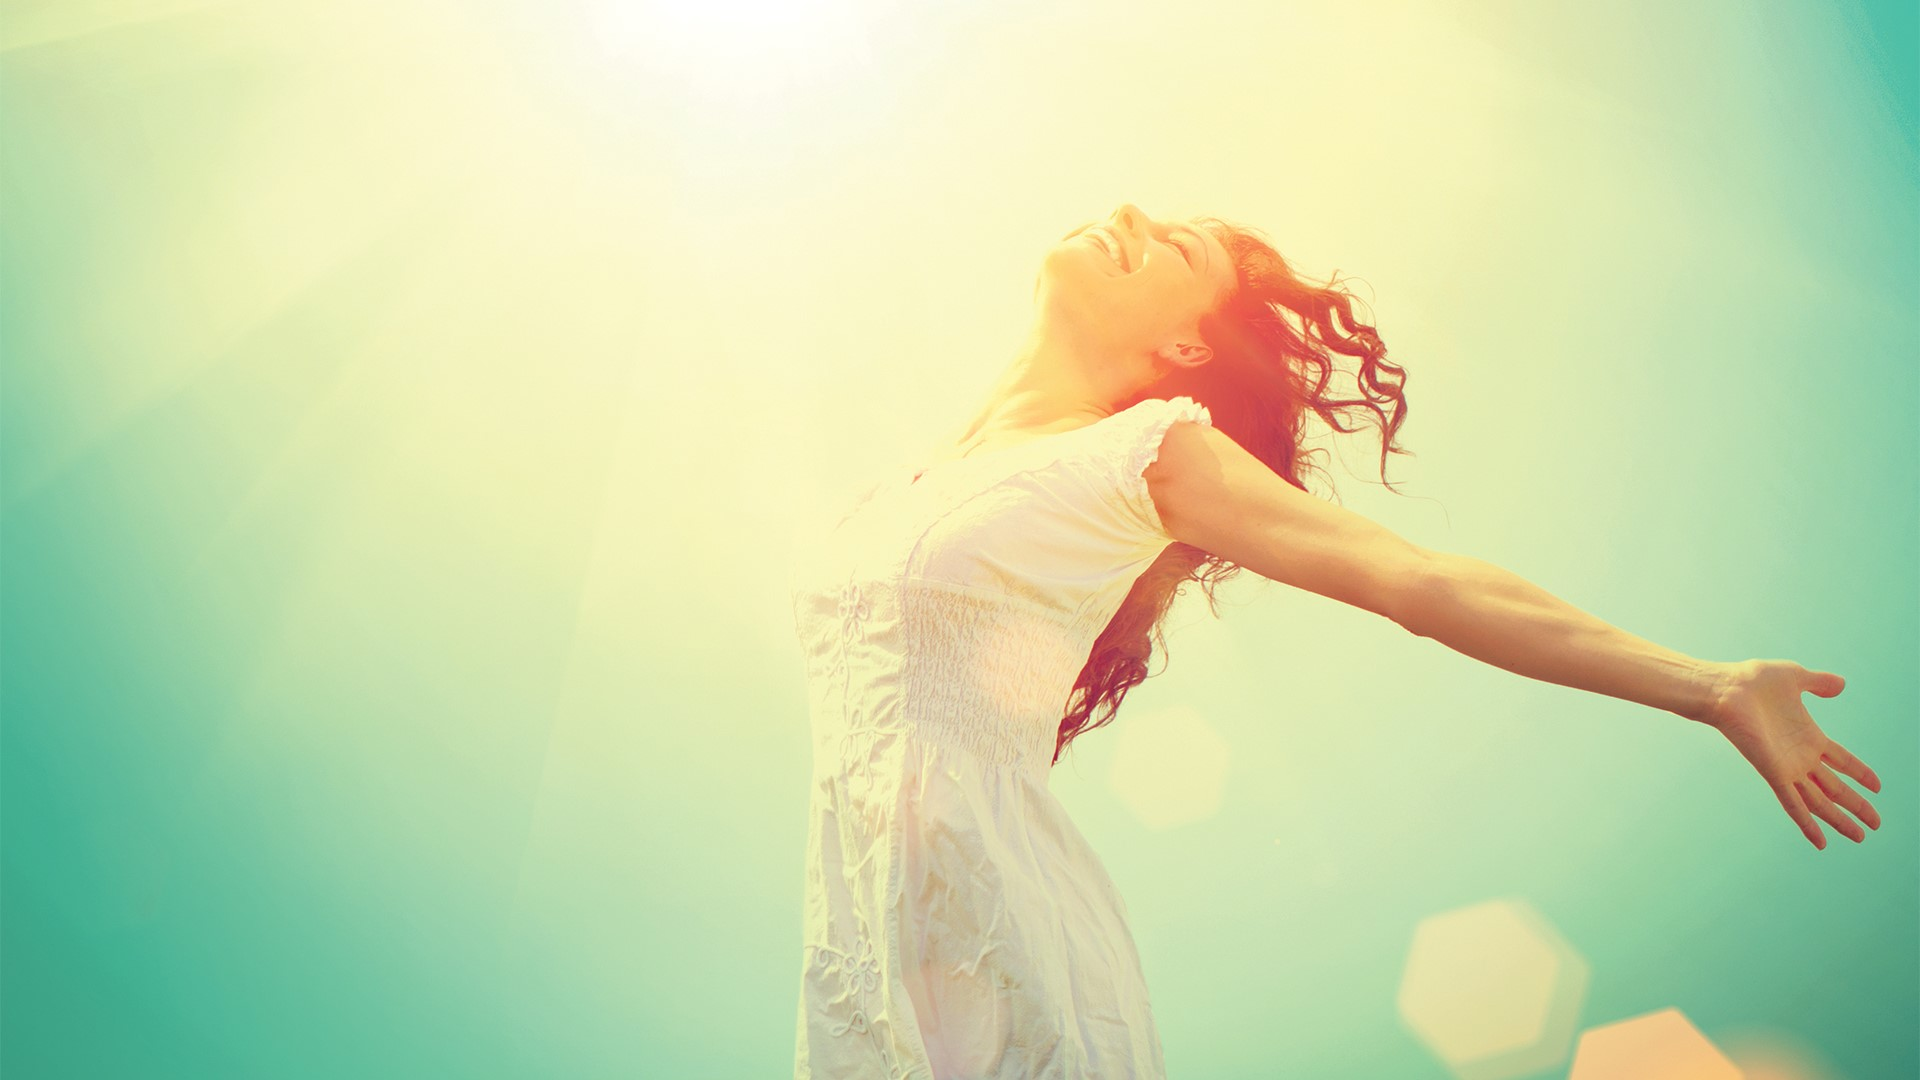 sigues lliure, sentet lliure, viu amb llibertat